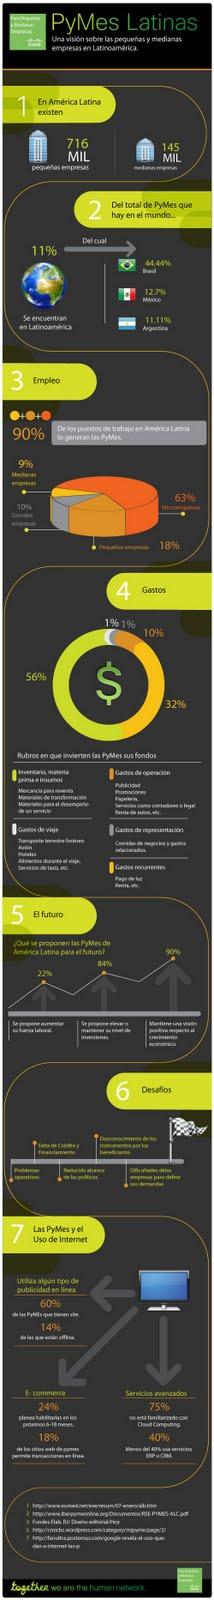 Estadísticas de PYMES en Latinoamerica 2011